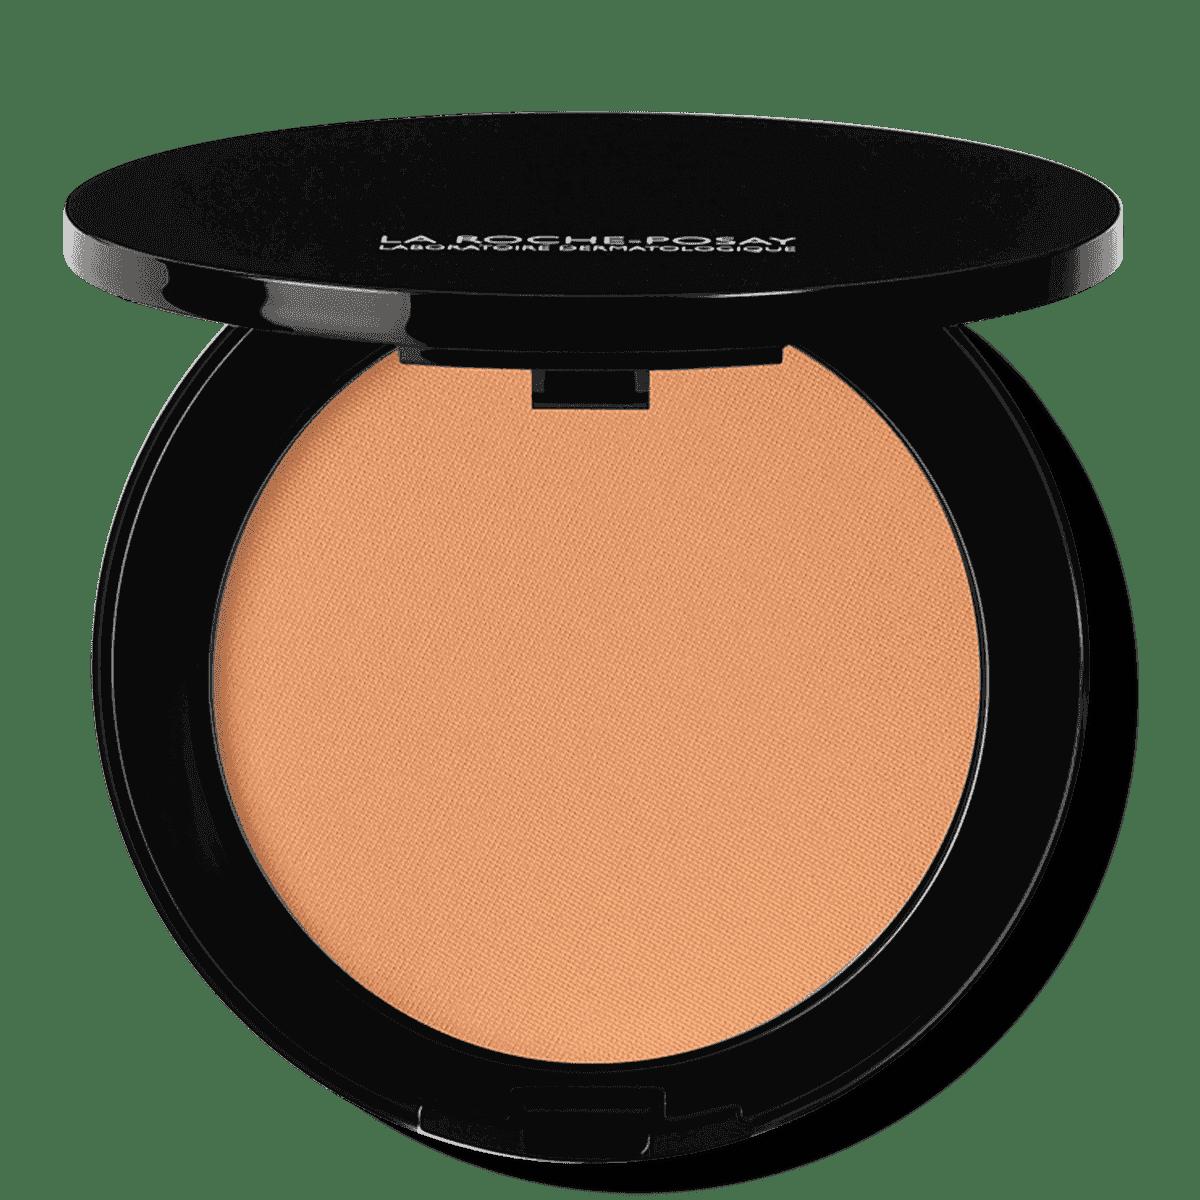 La Roche Posay Citlivá Toleriane Make-up KOMPAKTNÍ PUDR 15Golden 333